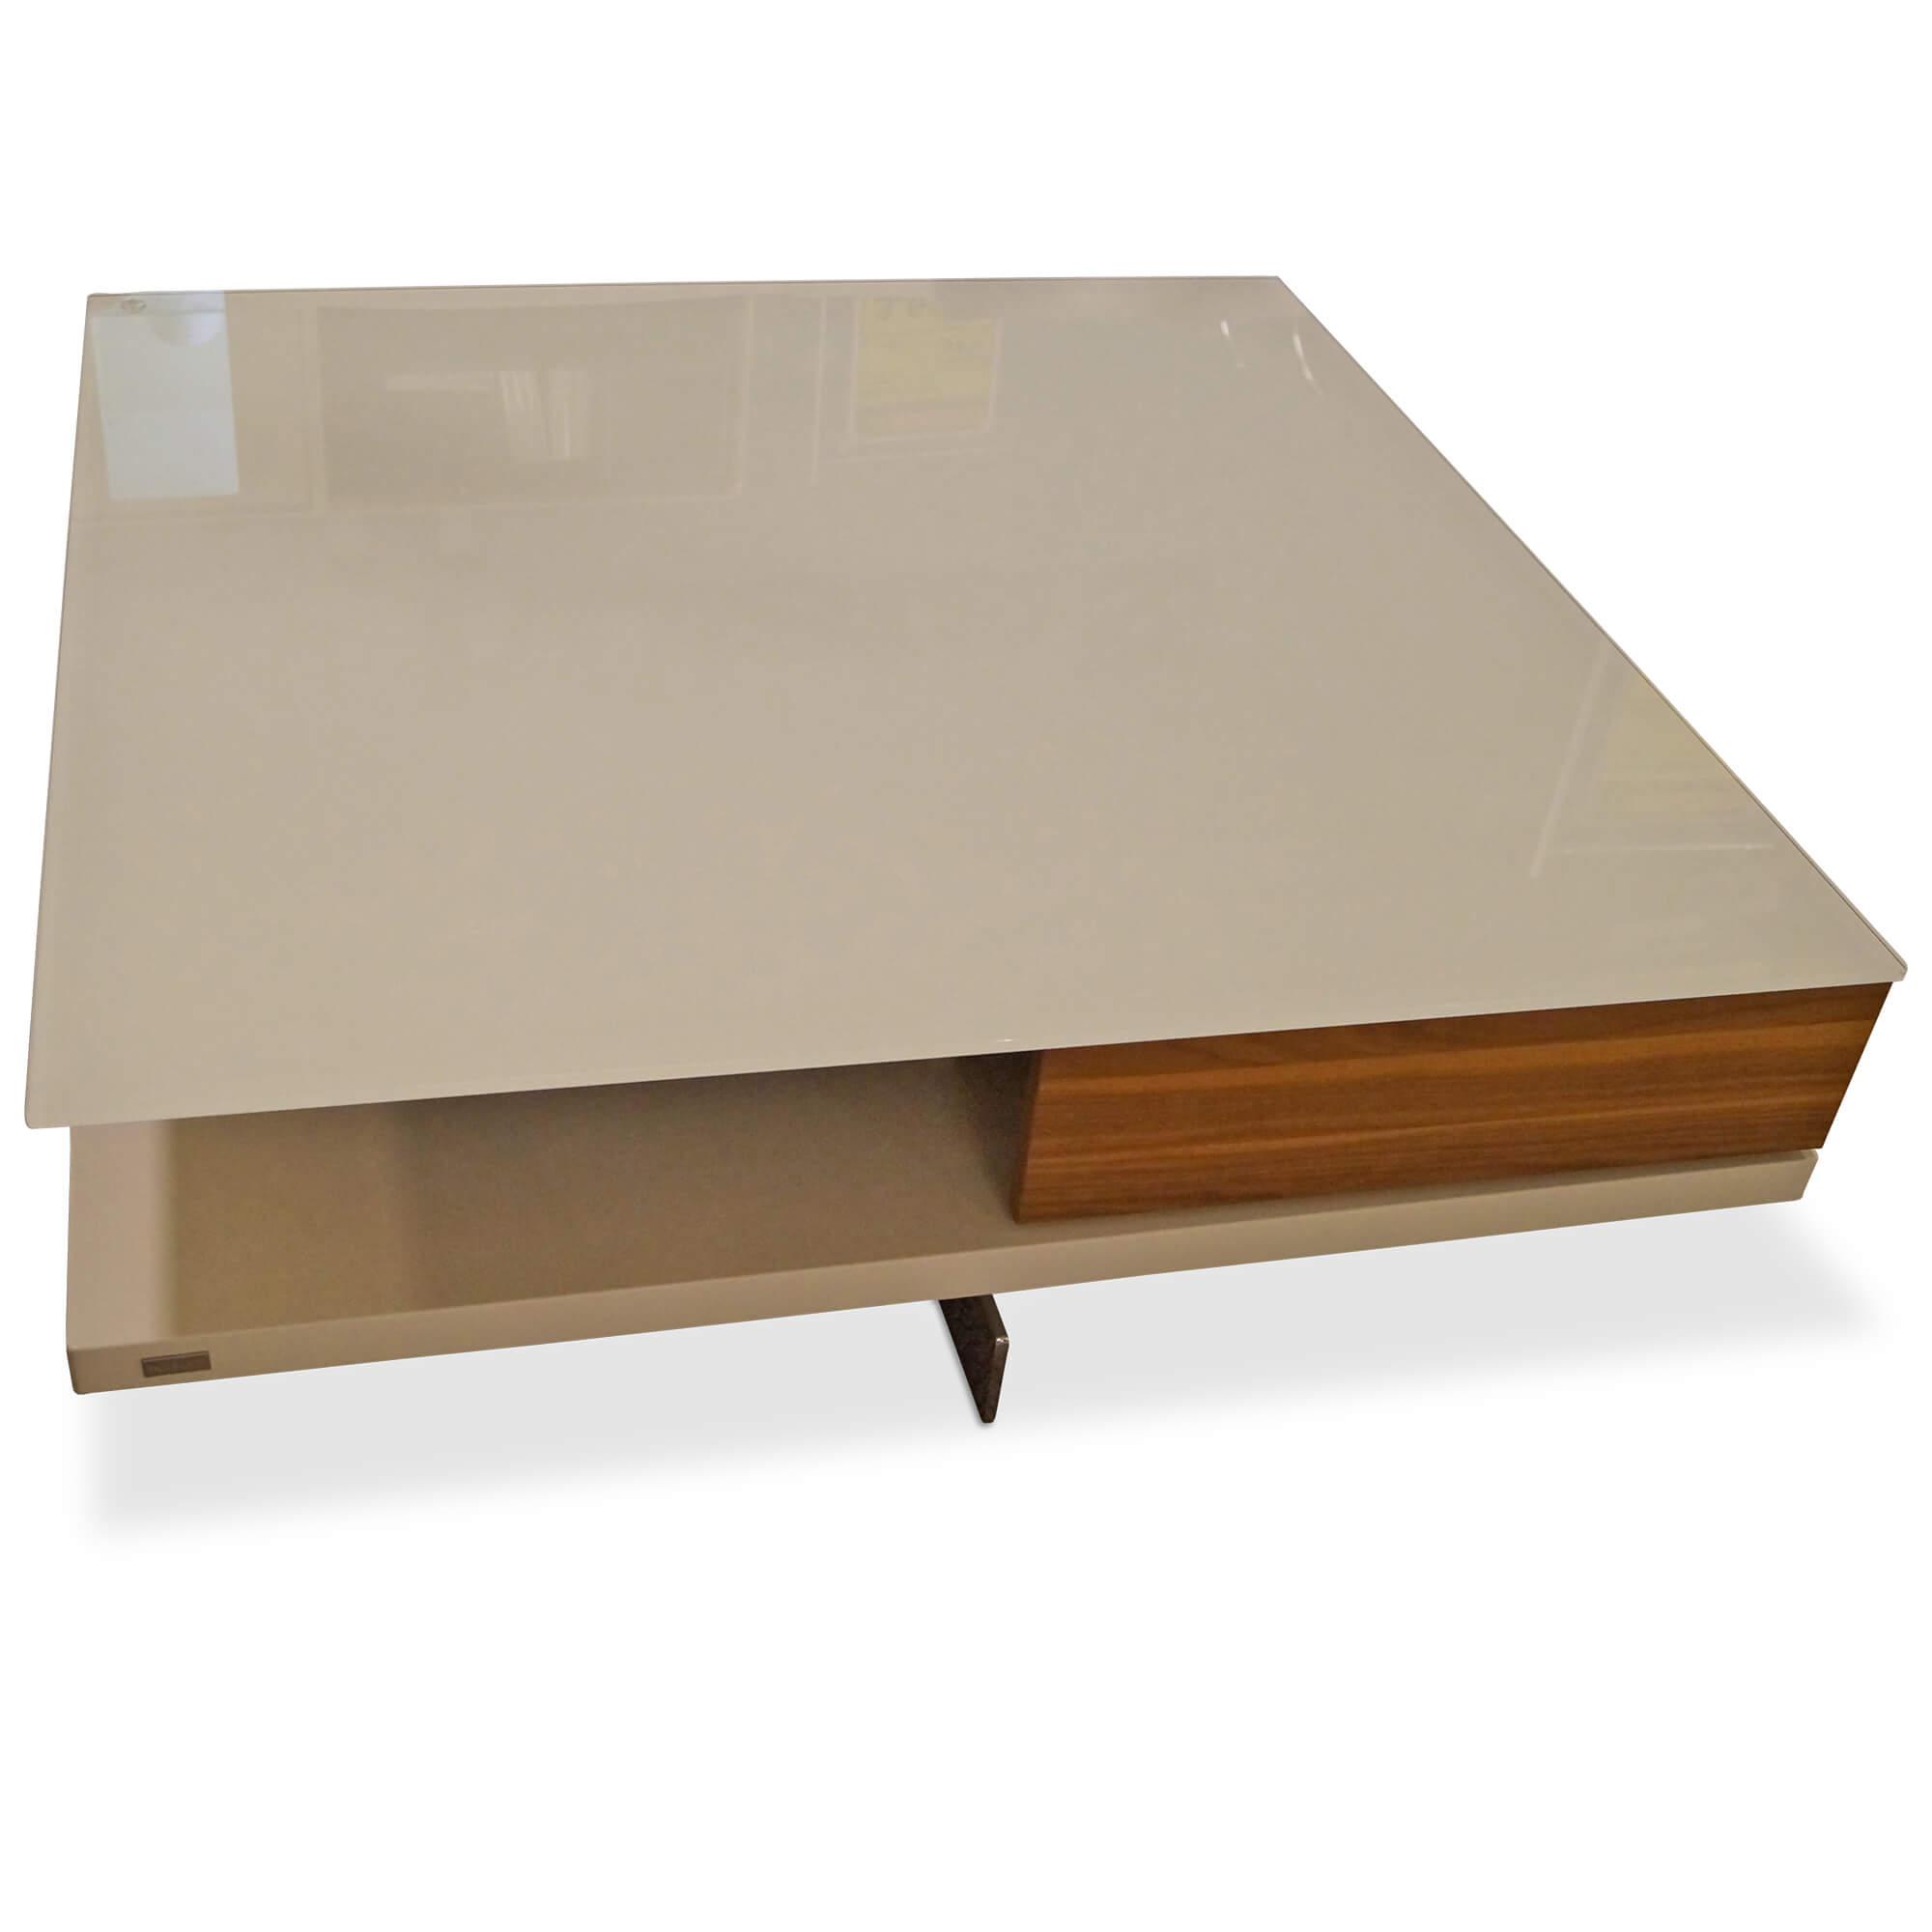 Couchtisch Ct 90 11291 Hülsta Tische Günstig Kaufen Möbelfirst